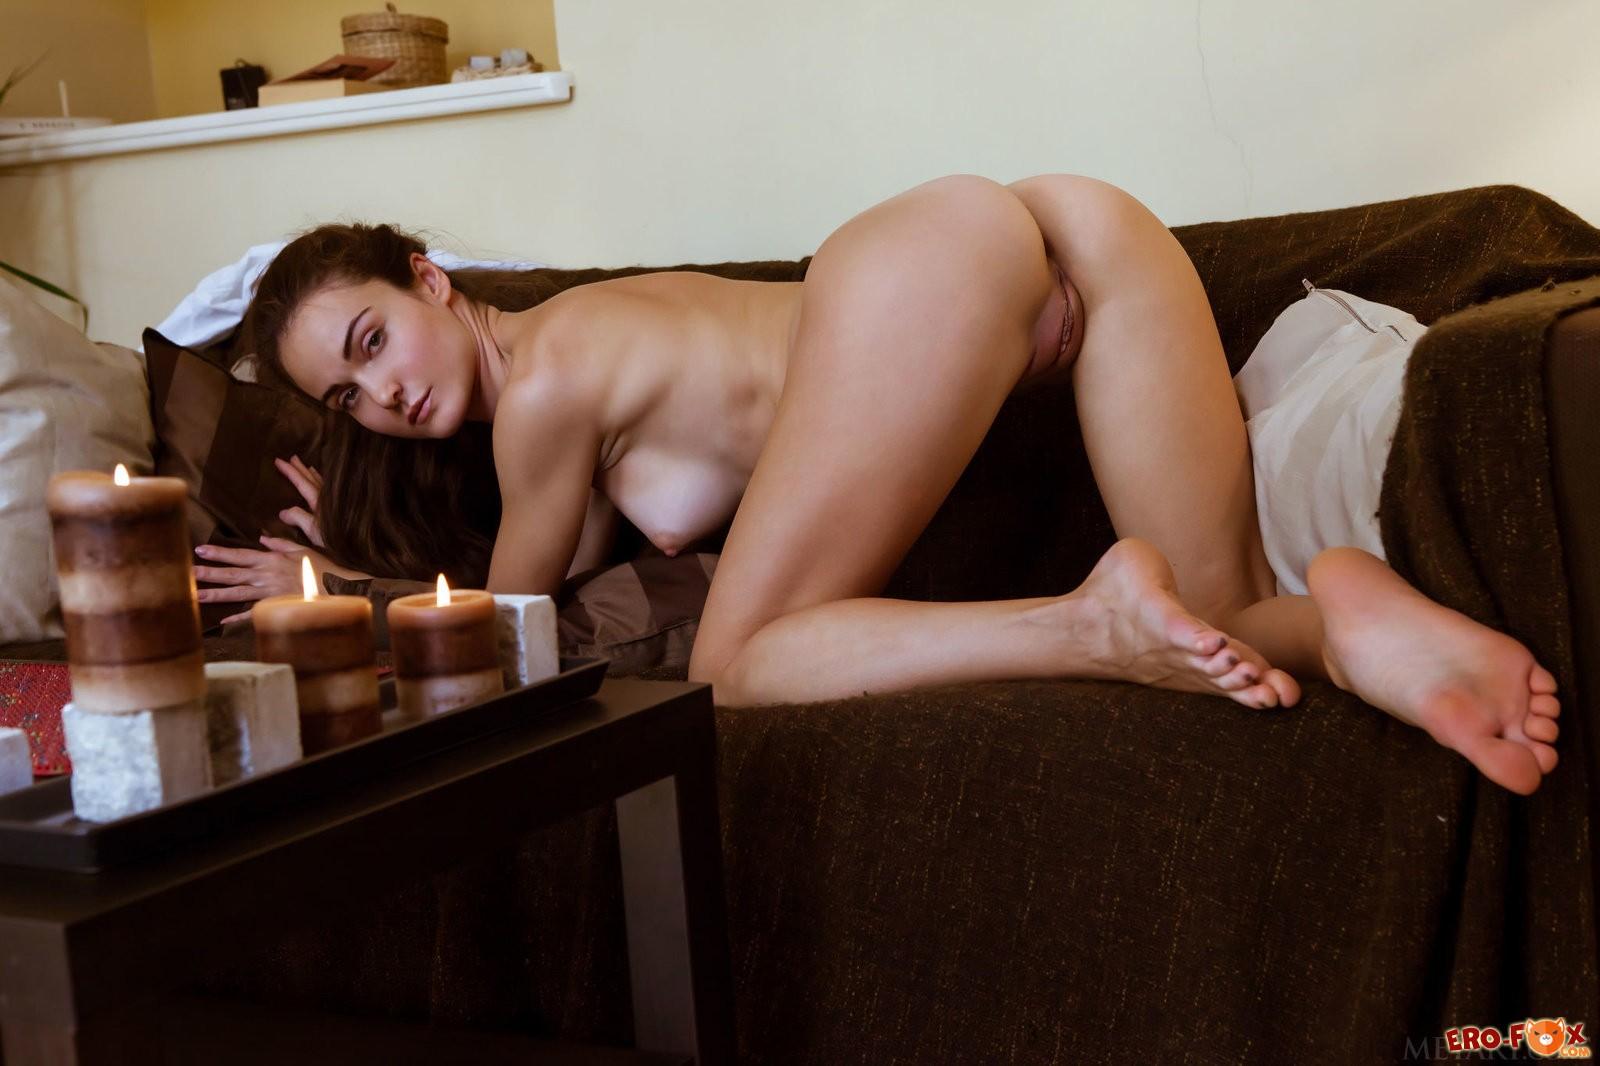 Девушка снимает ночнушку